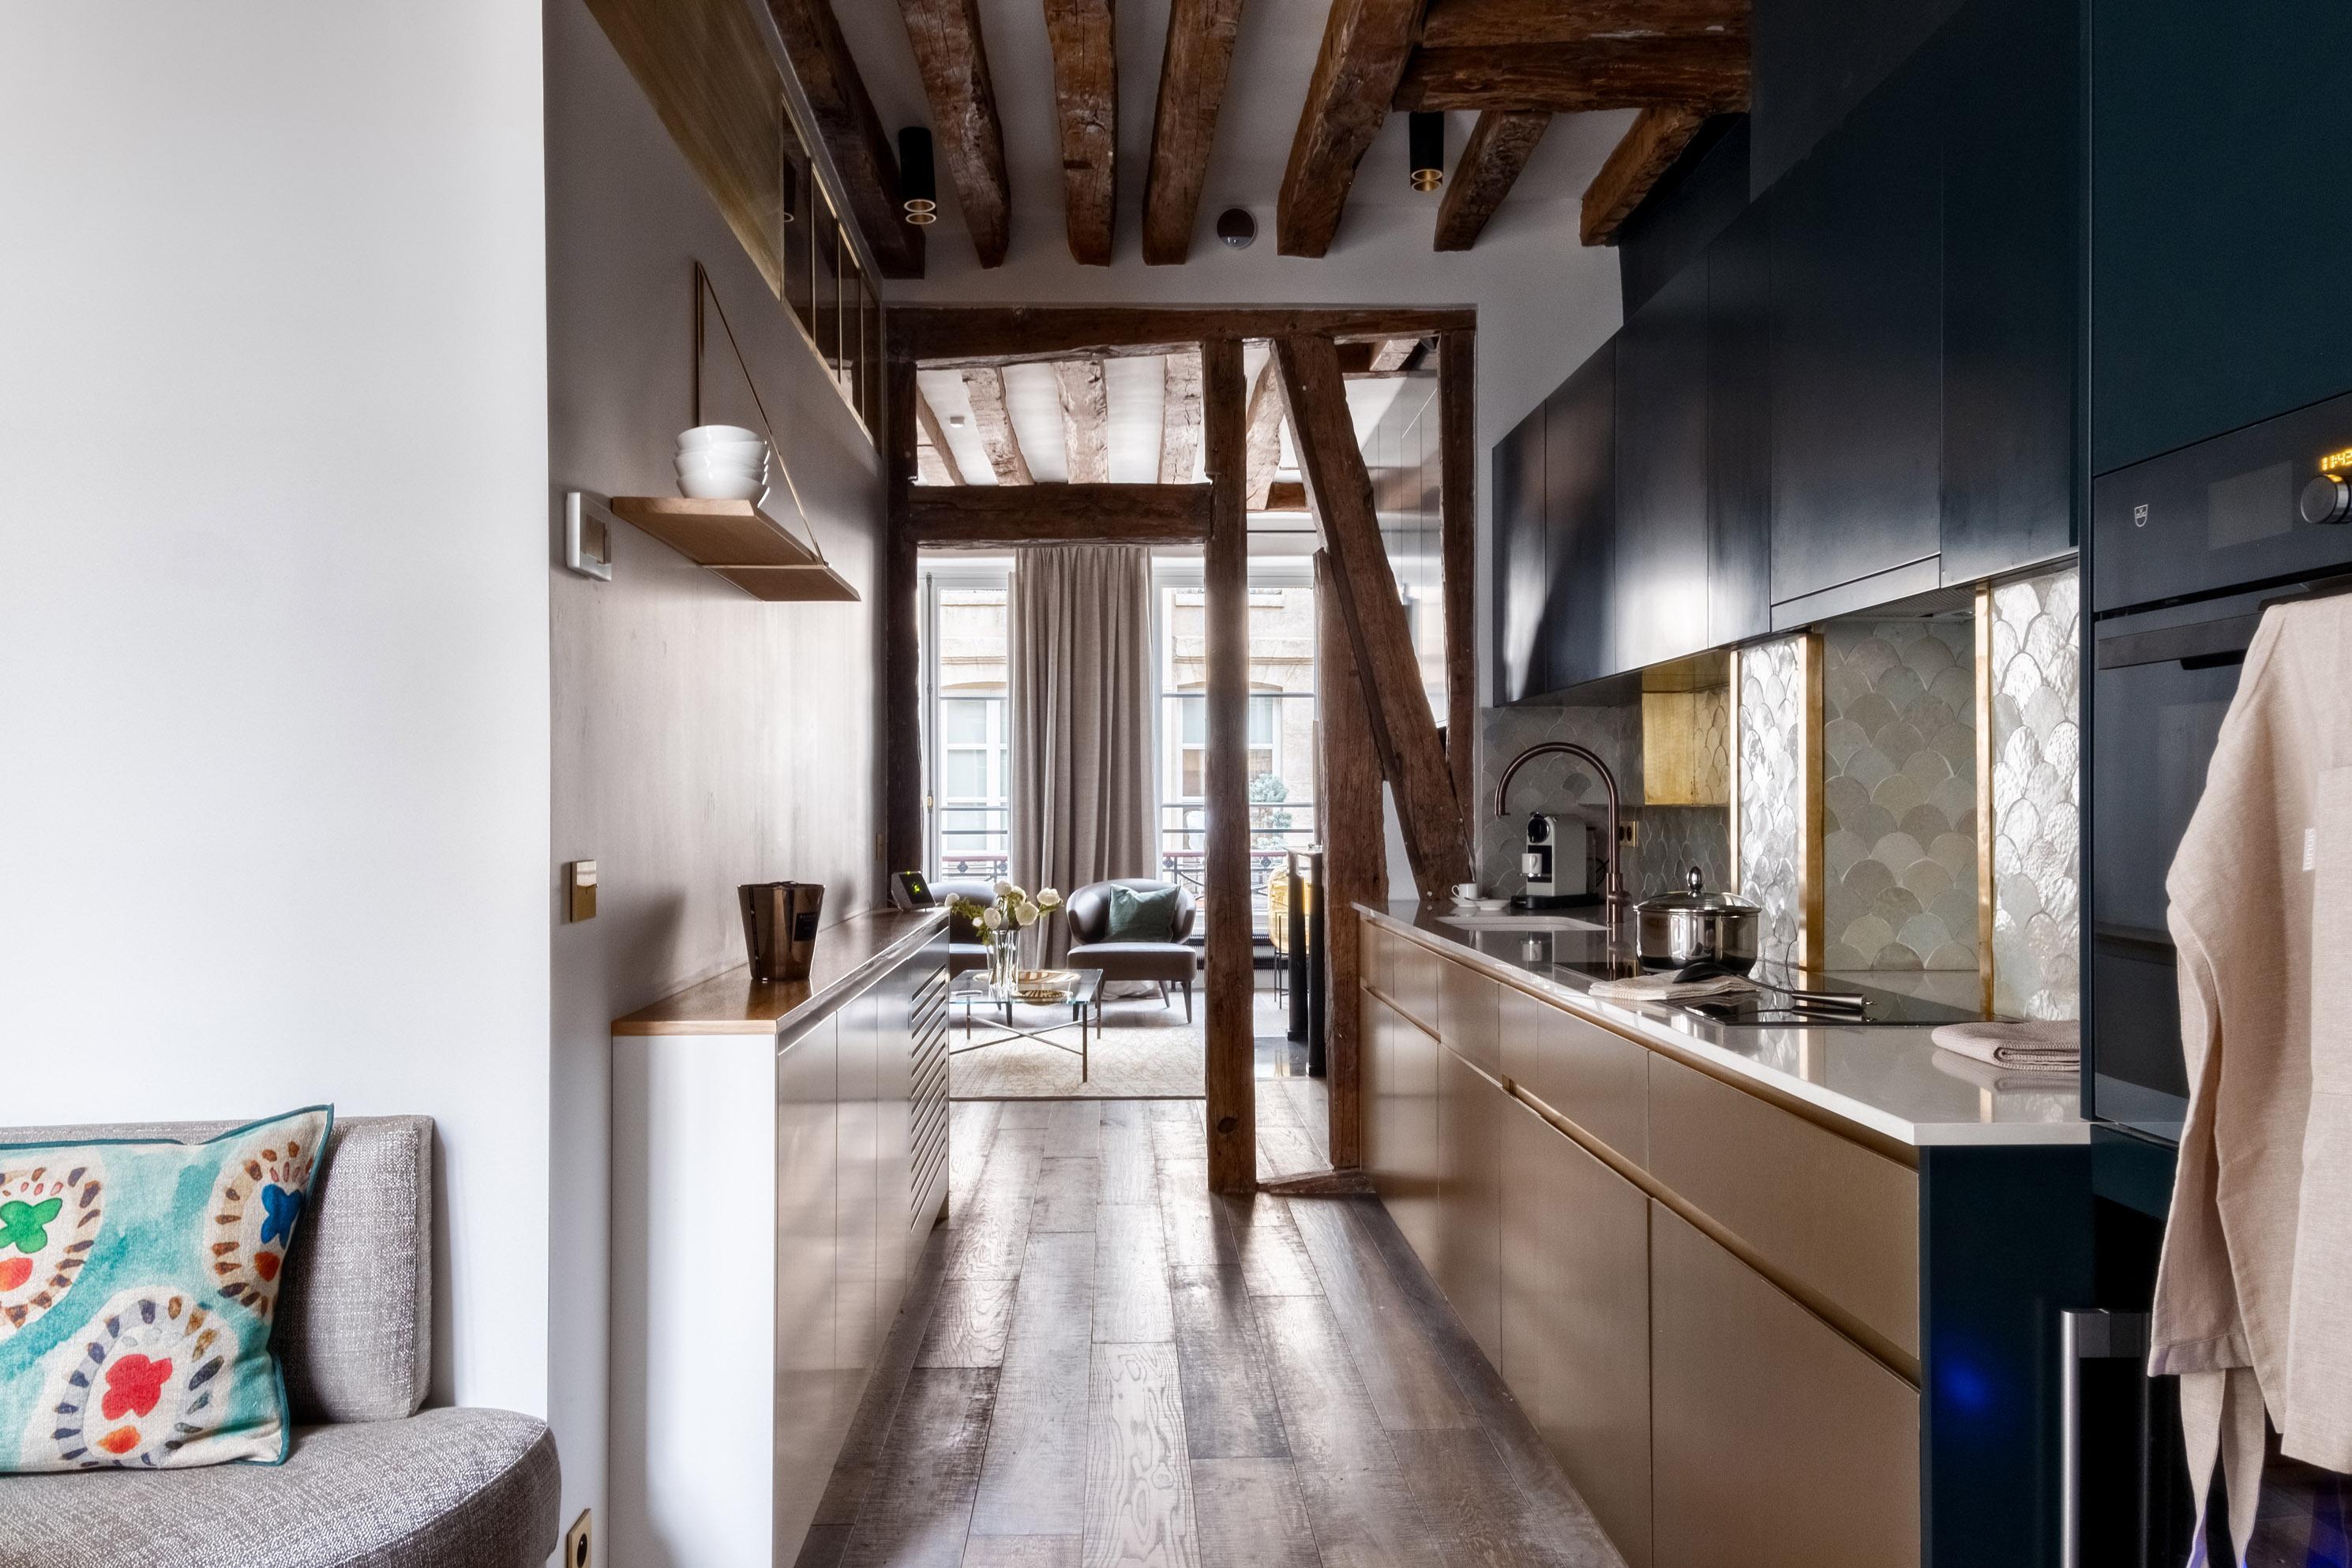 Saint germain des pr s architecte d 39 int rieur paris for Architectes d interieur paris